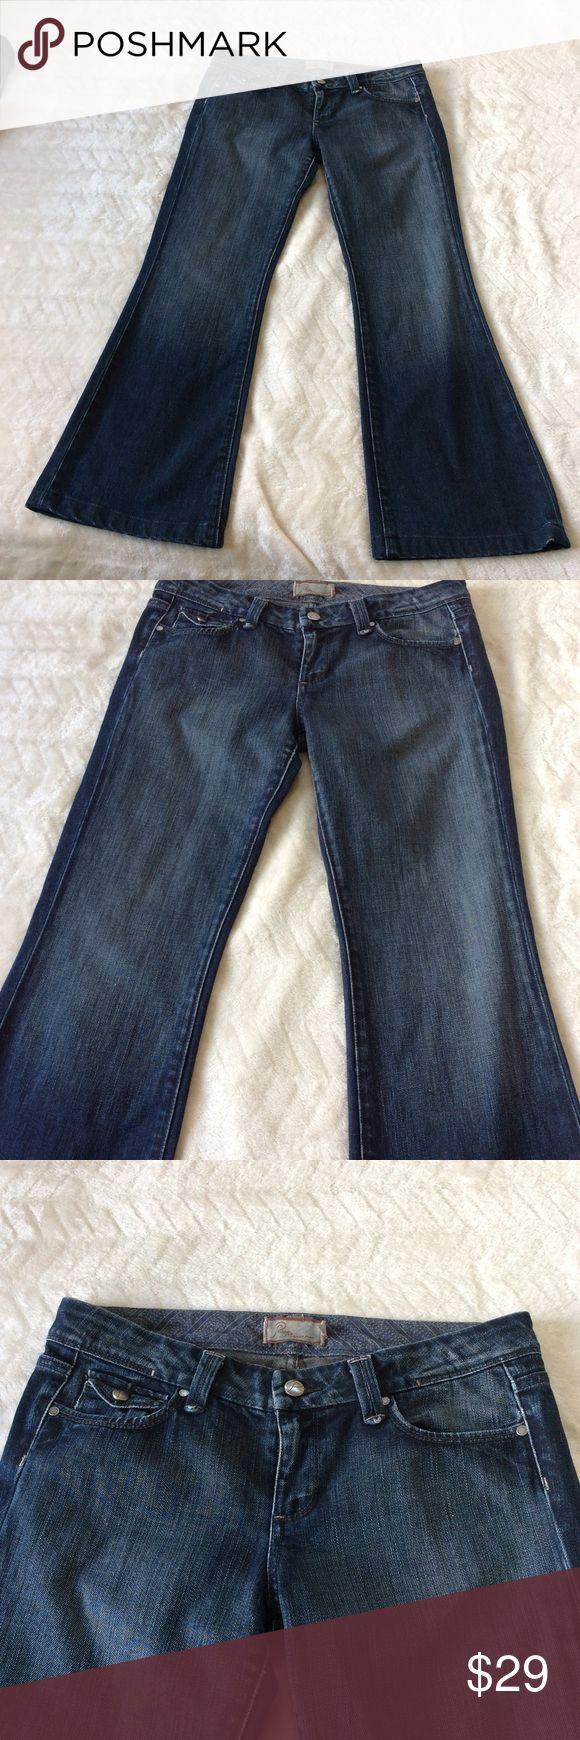 Paige Premium Denim Low Rise Bootcut jeans Size 30 Paige Premium Denim in a low-rise Bootcut. Great Condition Size 30 Paige Jeans Jeans Boot Cut